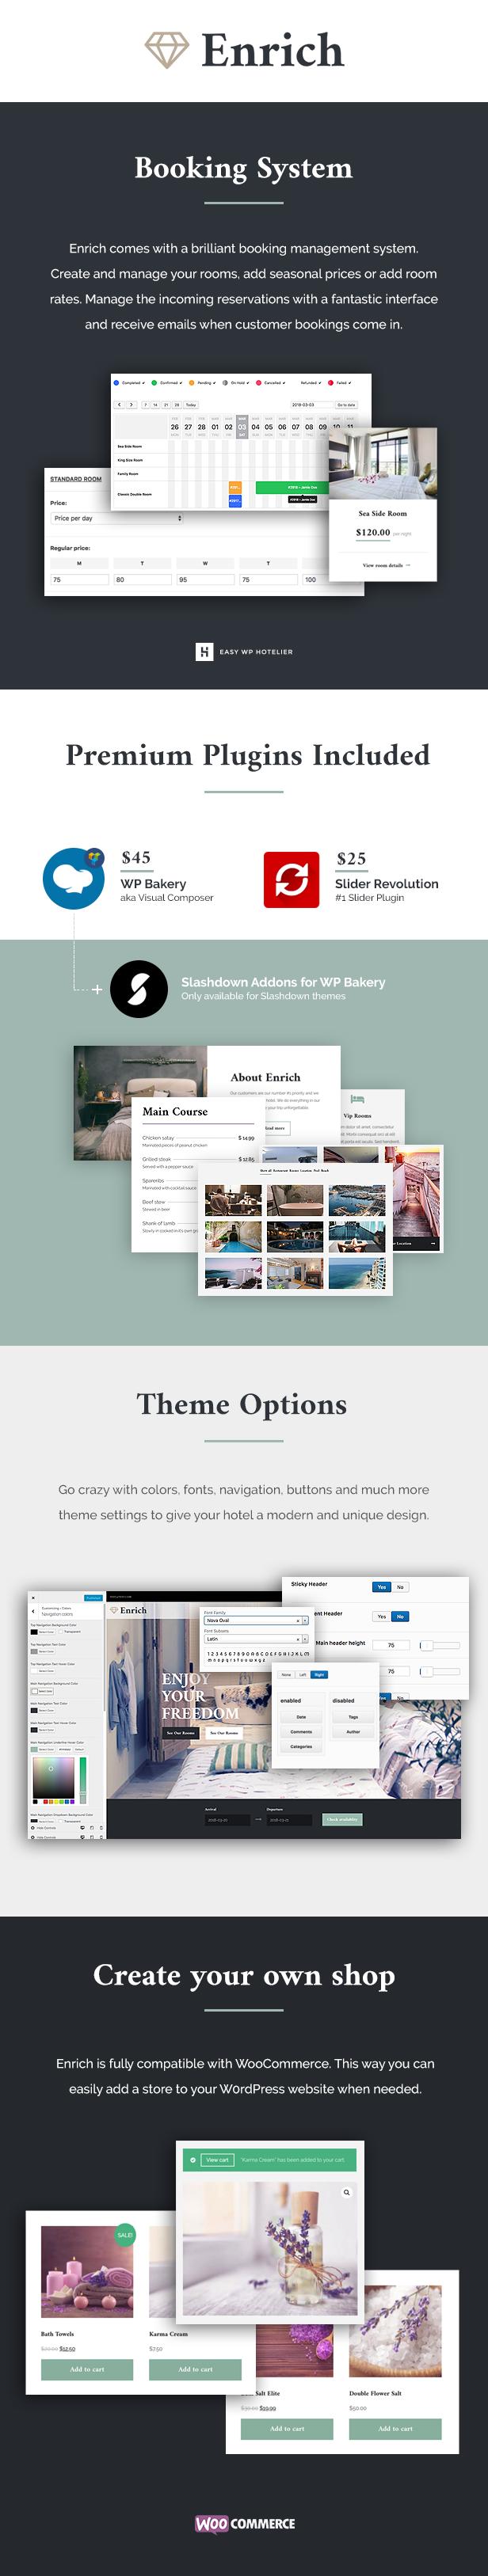 Enrich – Hotel Booking WordPress Theme